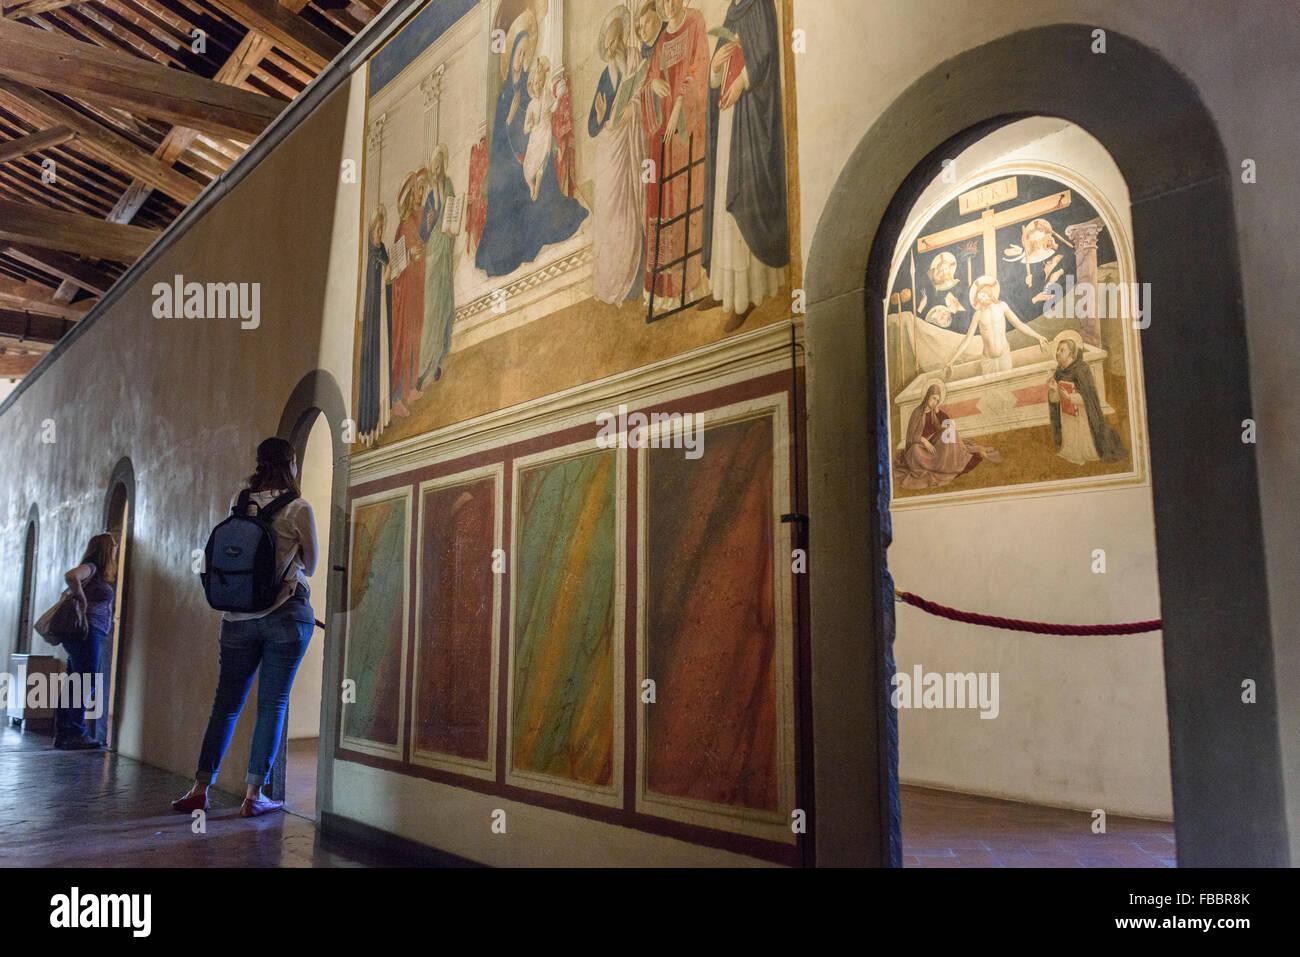 Florencia. Italia. Los frescos en el dormitorio de los monjes, Museo de San Marco. Imagen De Stock